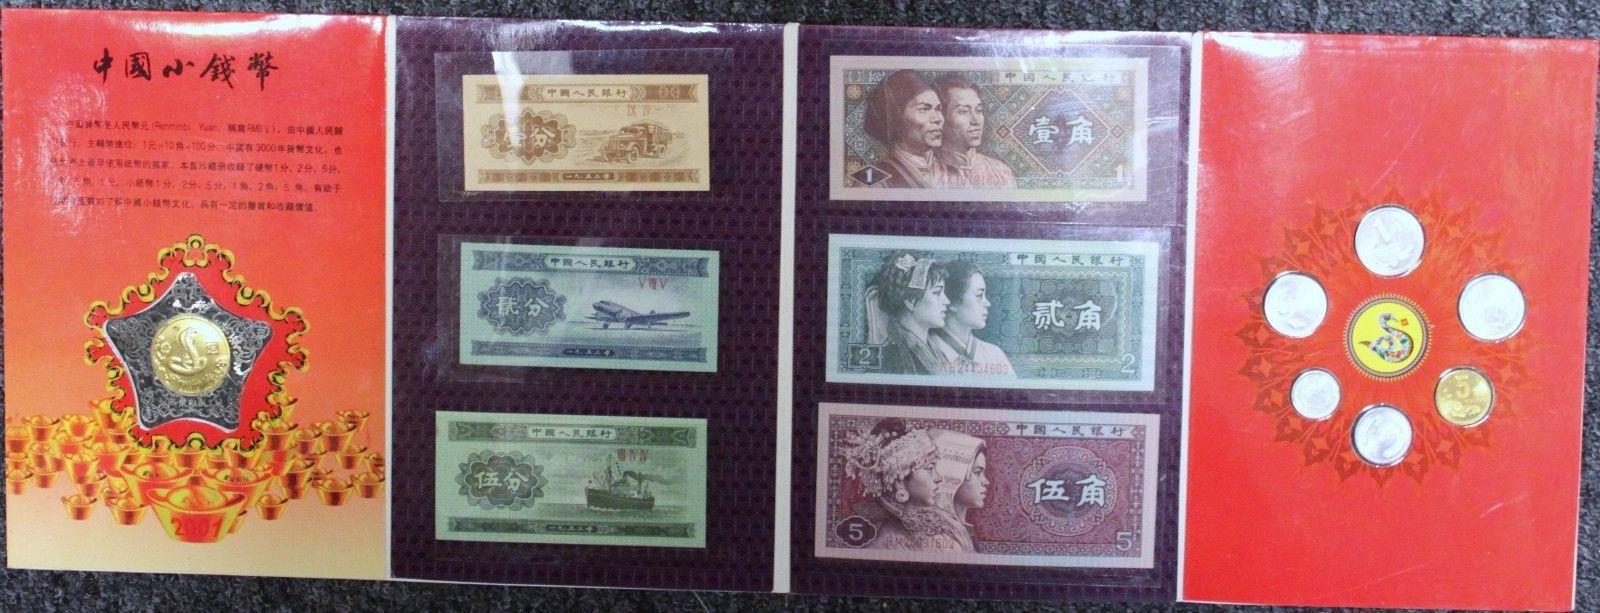 5 Jiao China 1980-1999 /> 1 2 1 Yuan Banknote set iof 4 UNC